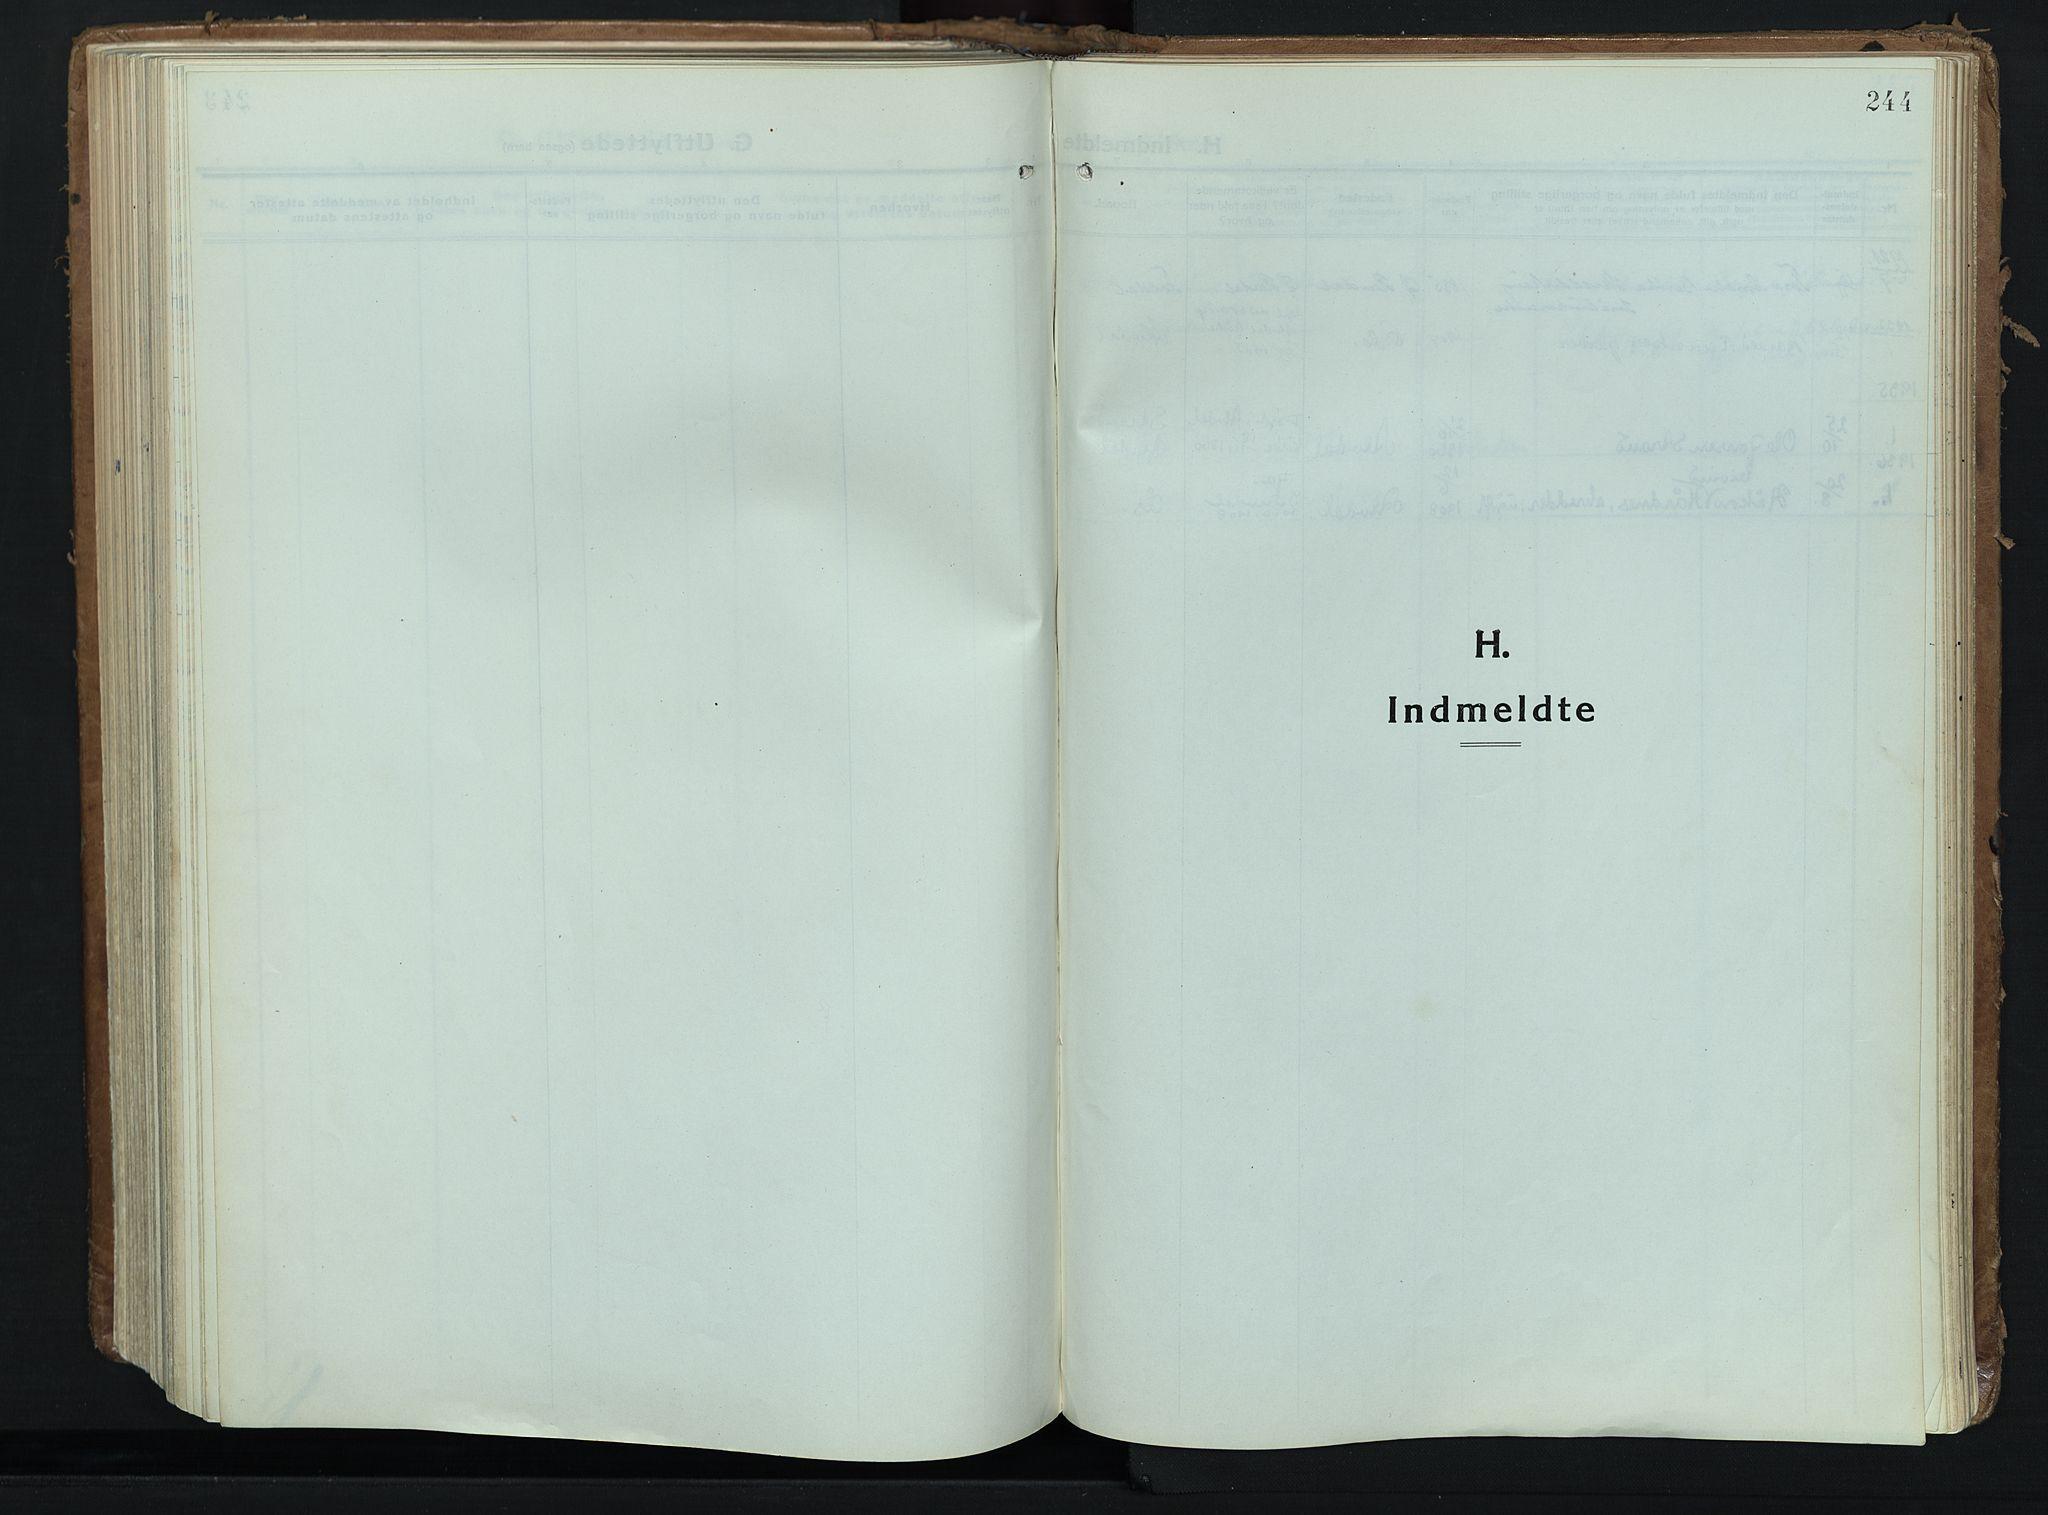 SAH, Alvdal prestekontor, Ministerialbok nr. 6, 1920-1937, s. 244